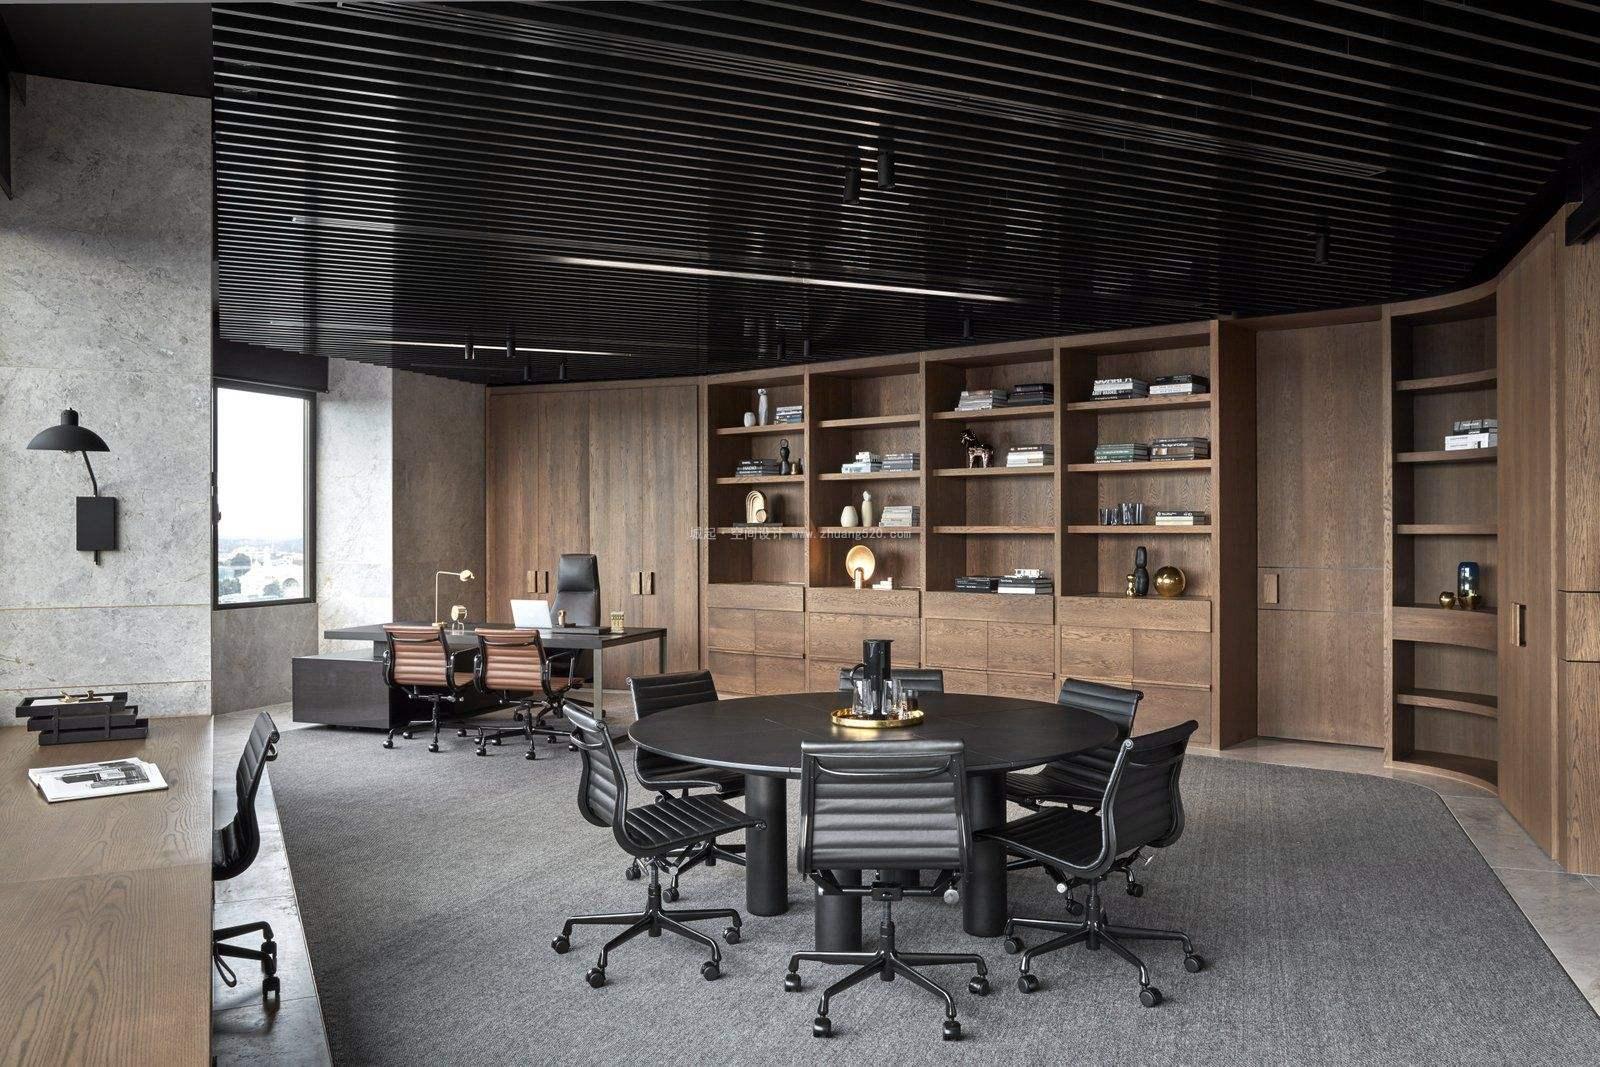 老板办公室装修设计方案有什么讲究